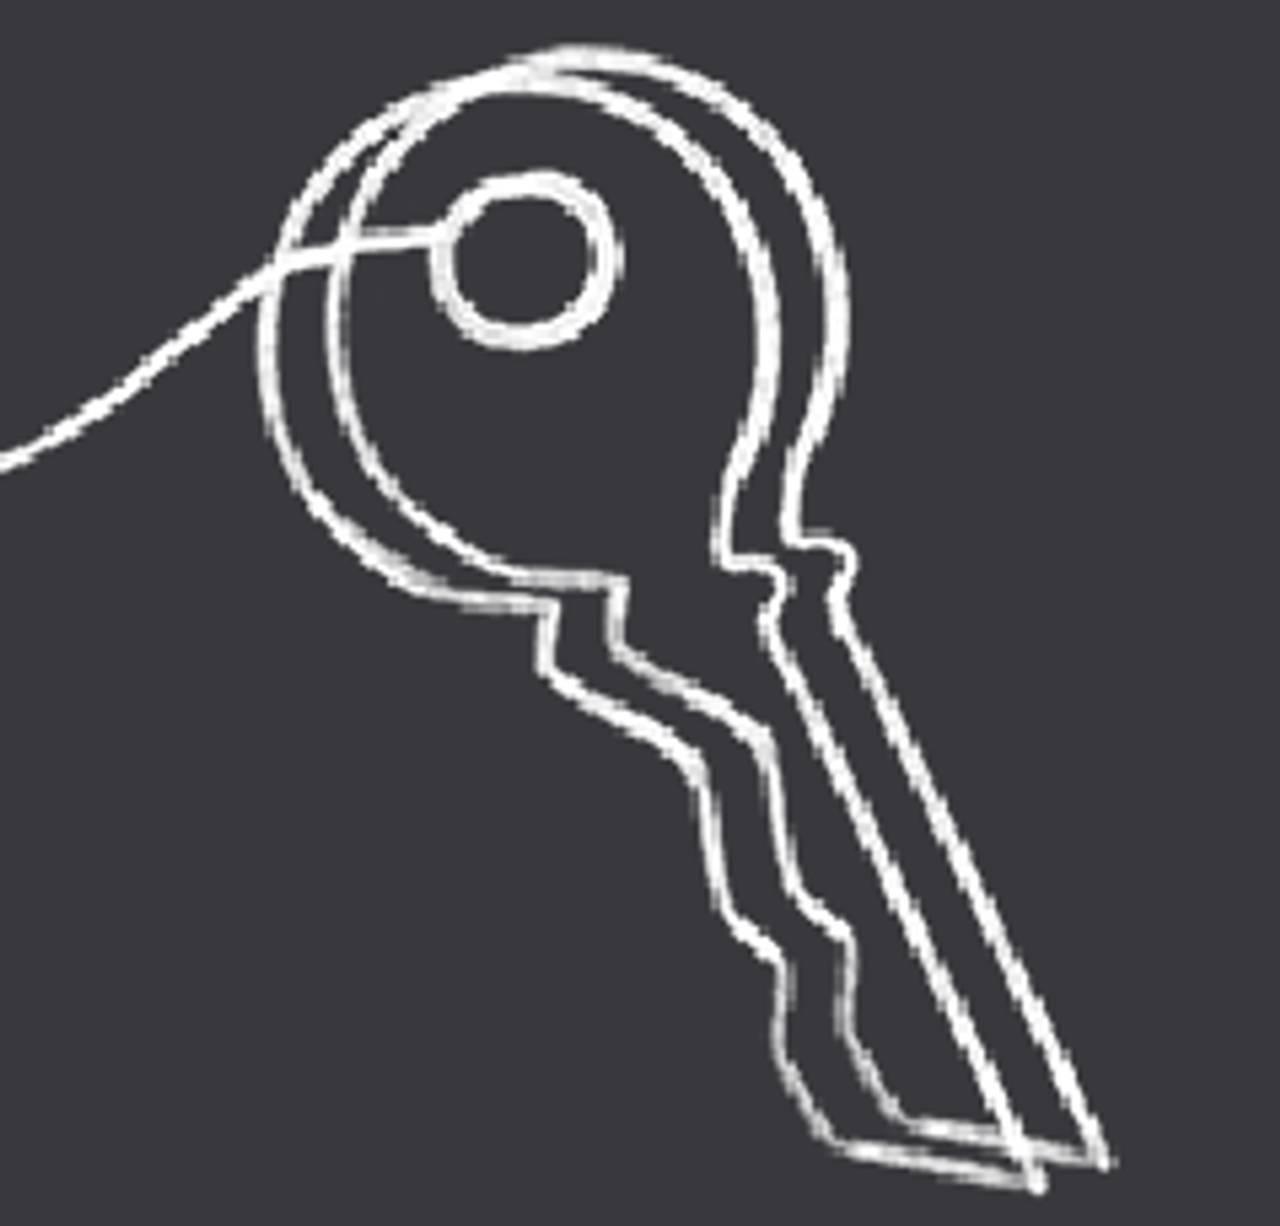 Illustrasjon av en nøkkel